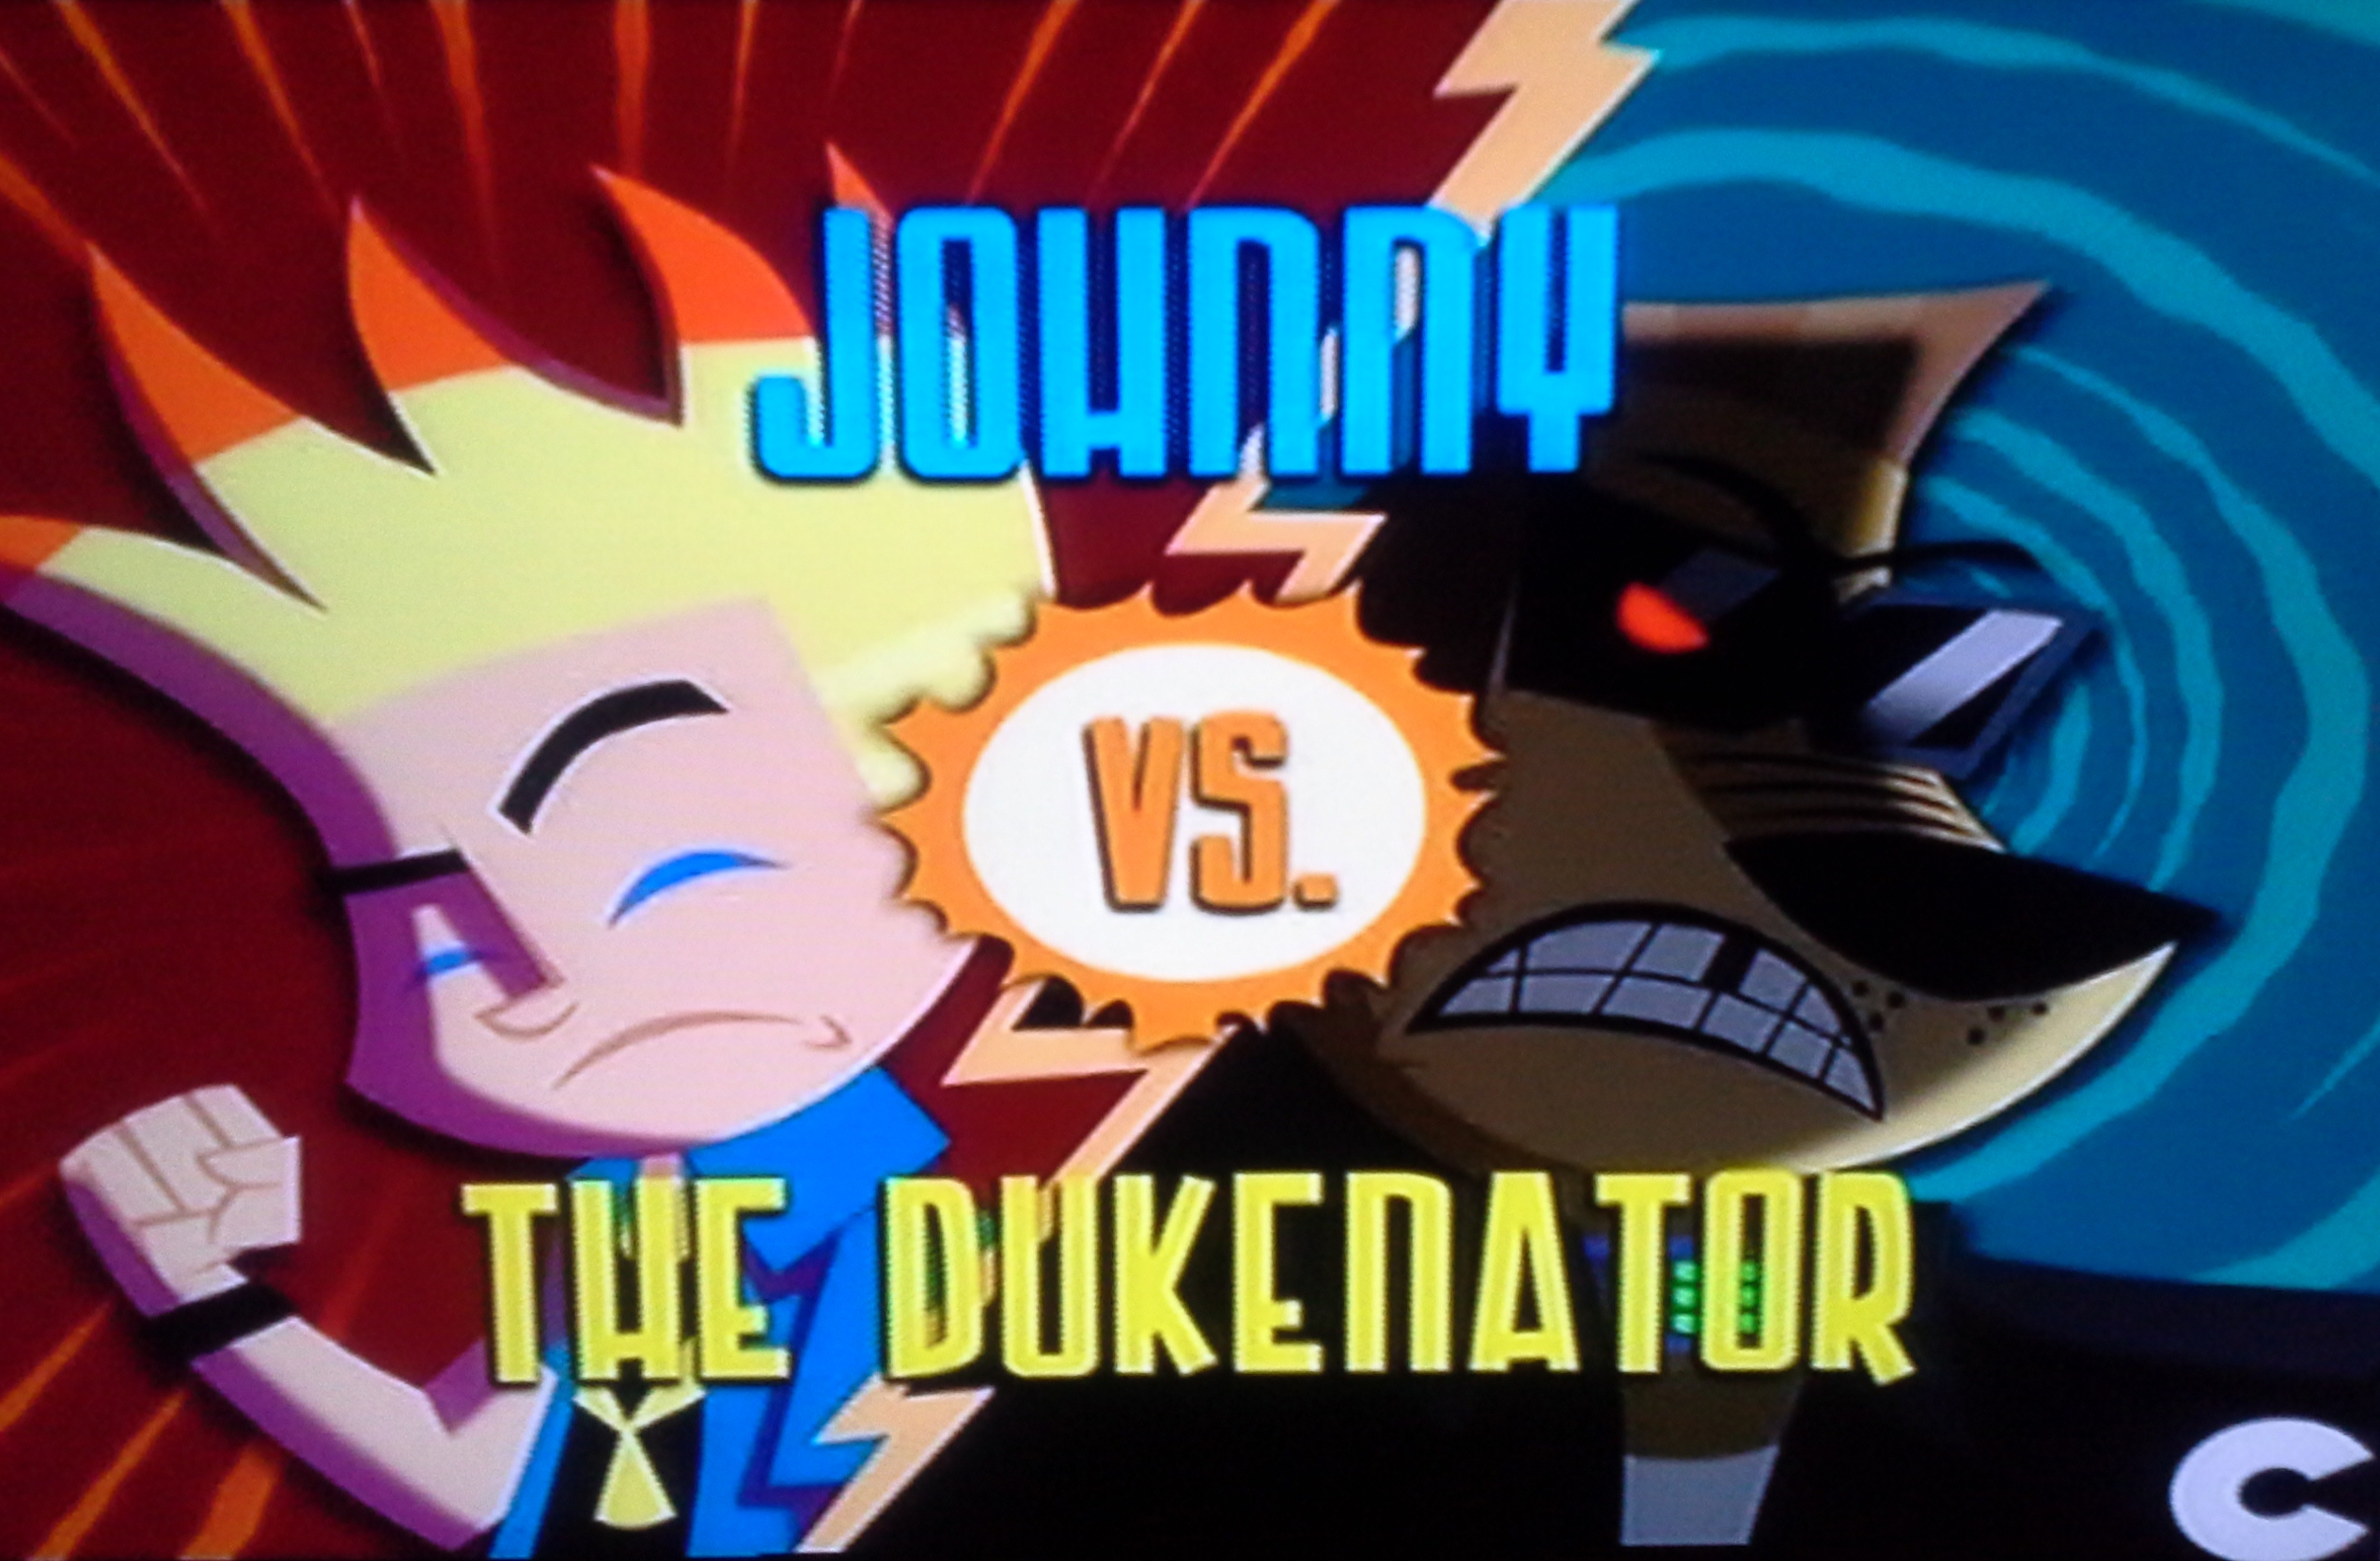 Johnny vs. the Dukenator